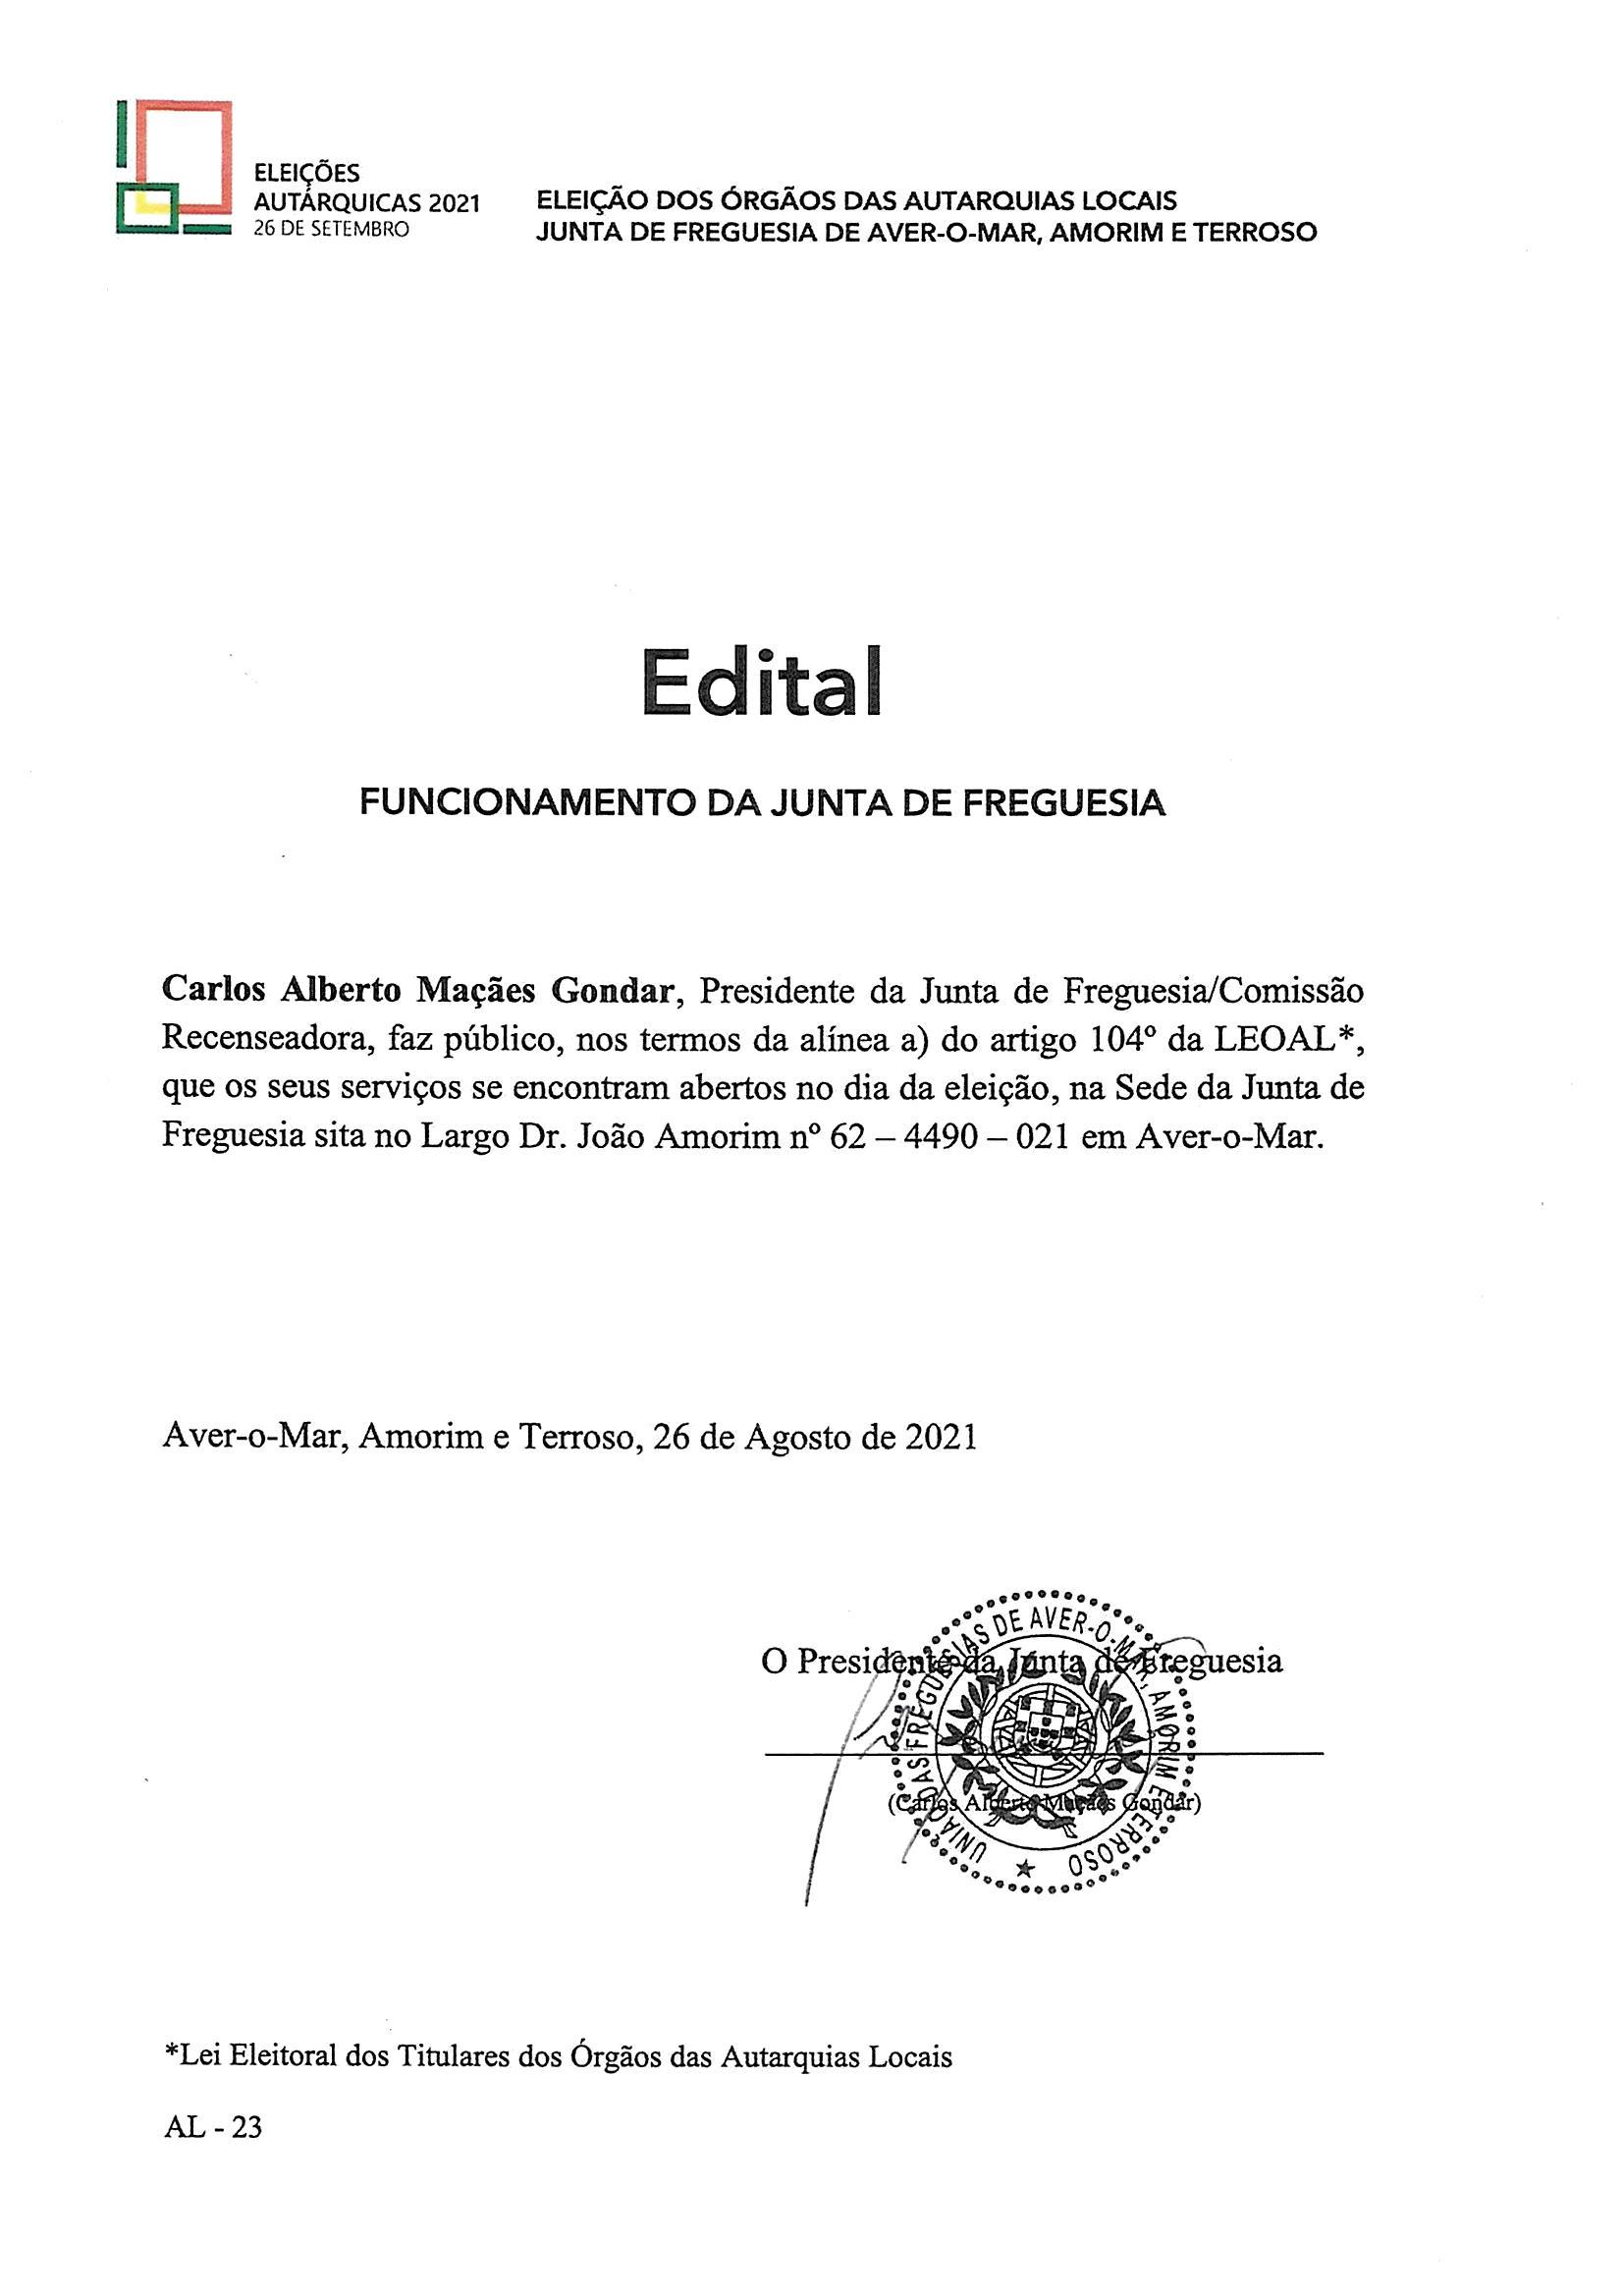 ELEIÇÕES AUTÁRQUICAS 2021 – Edital Funcionamento da Junta de Freguesia